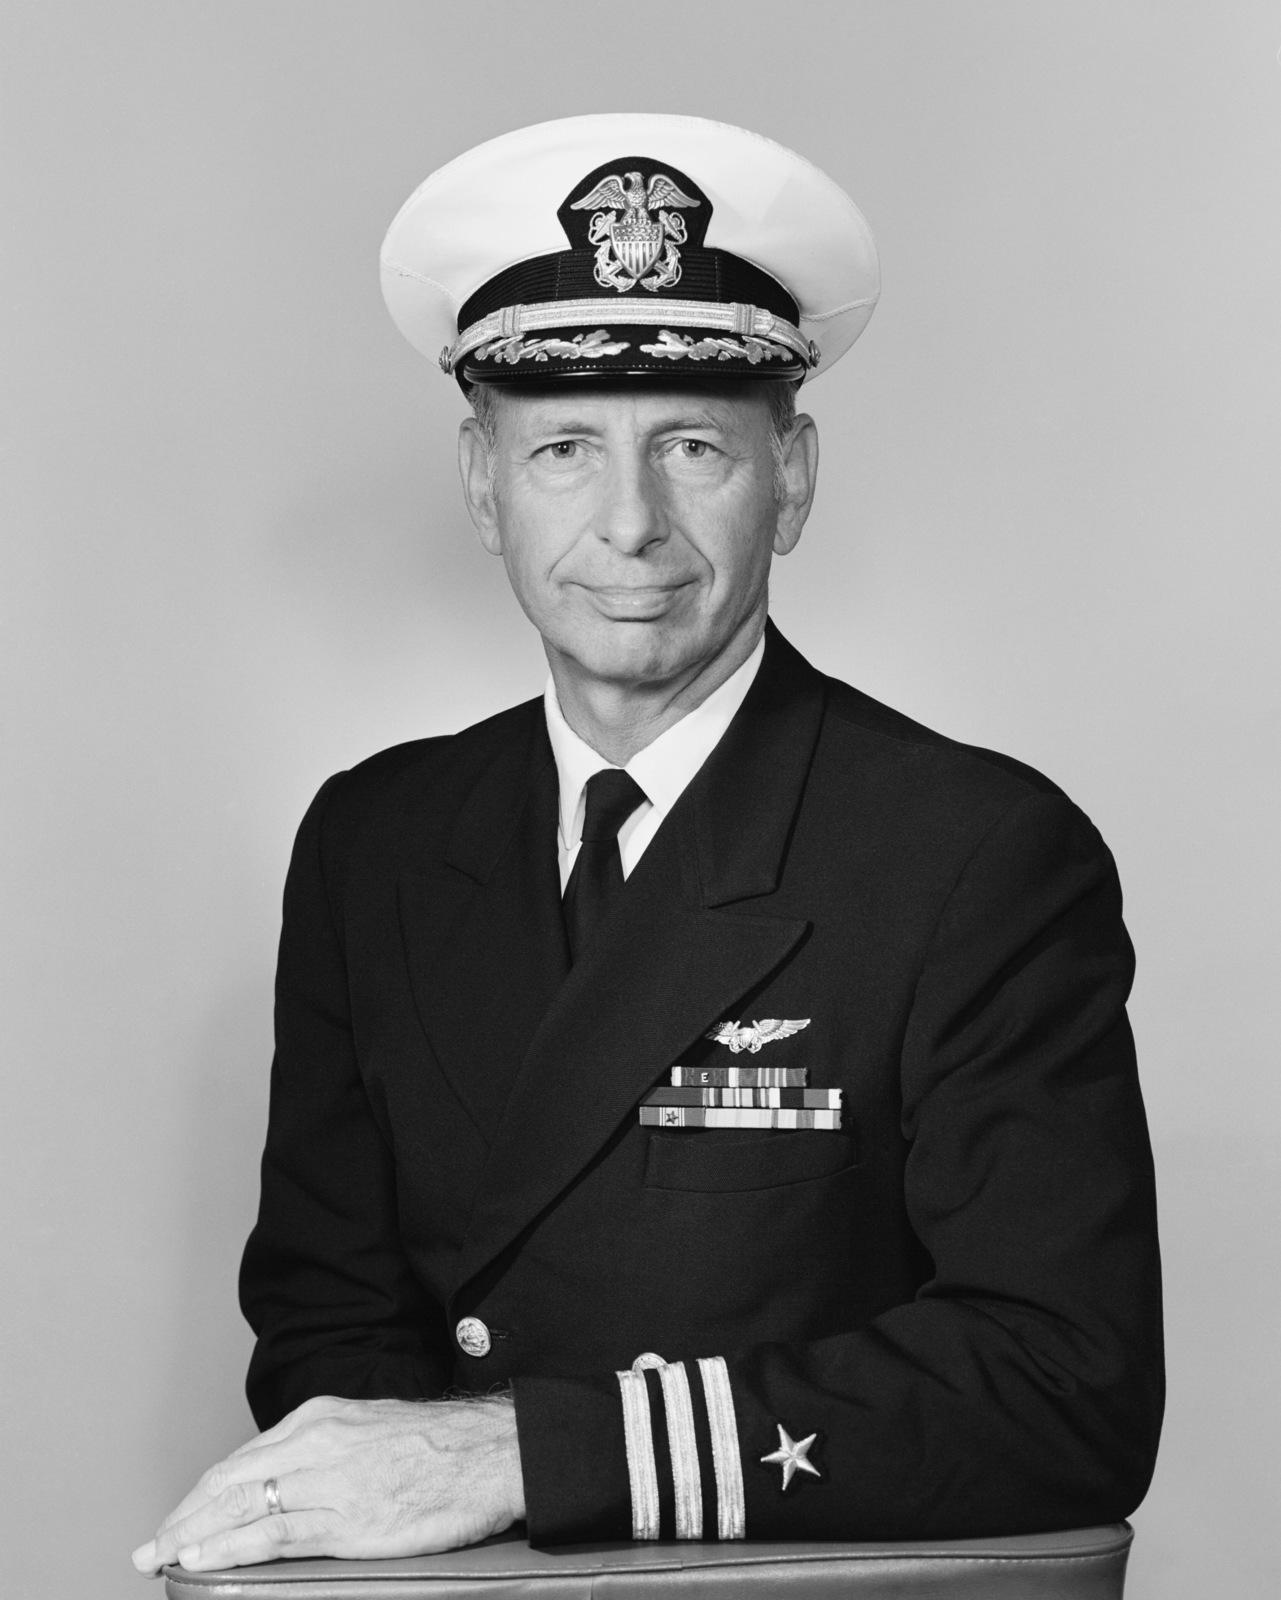 Commander Andre Marechal, USN (covered)